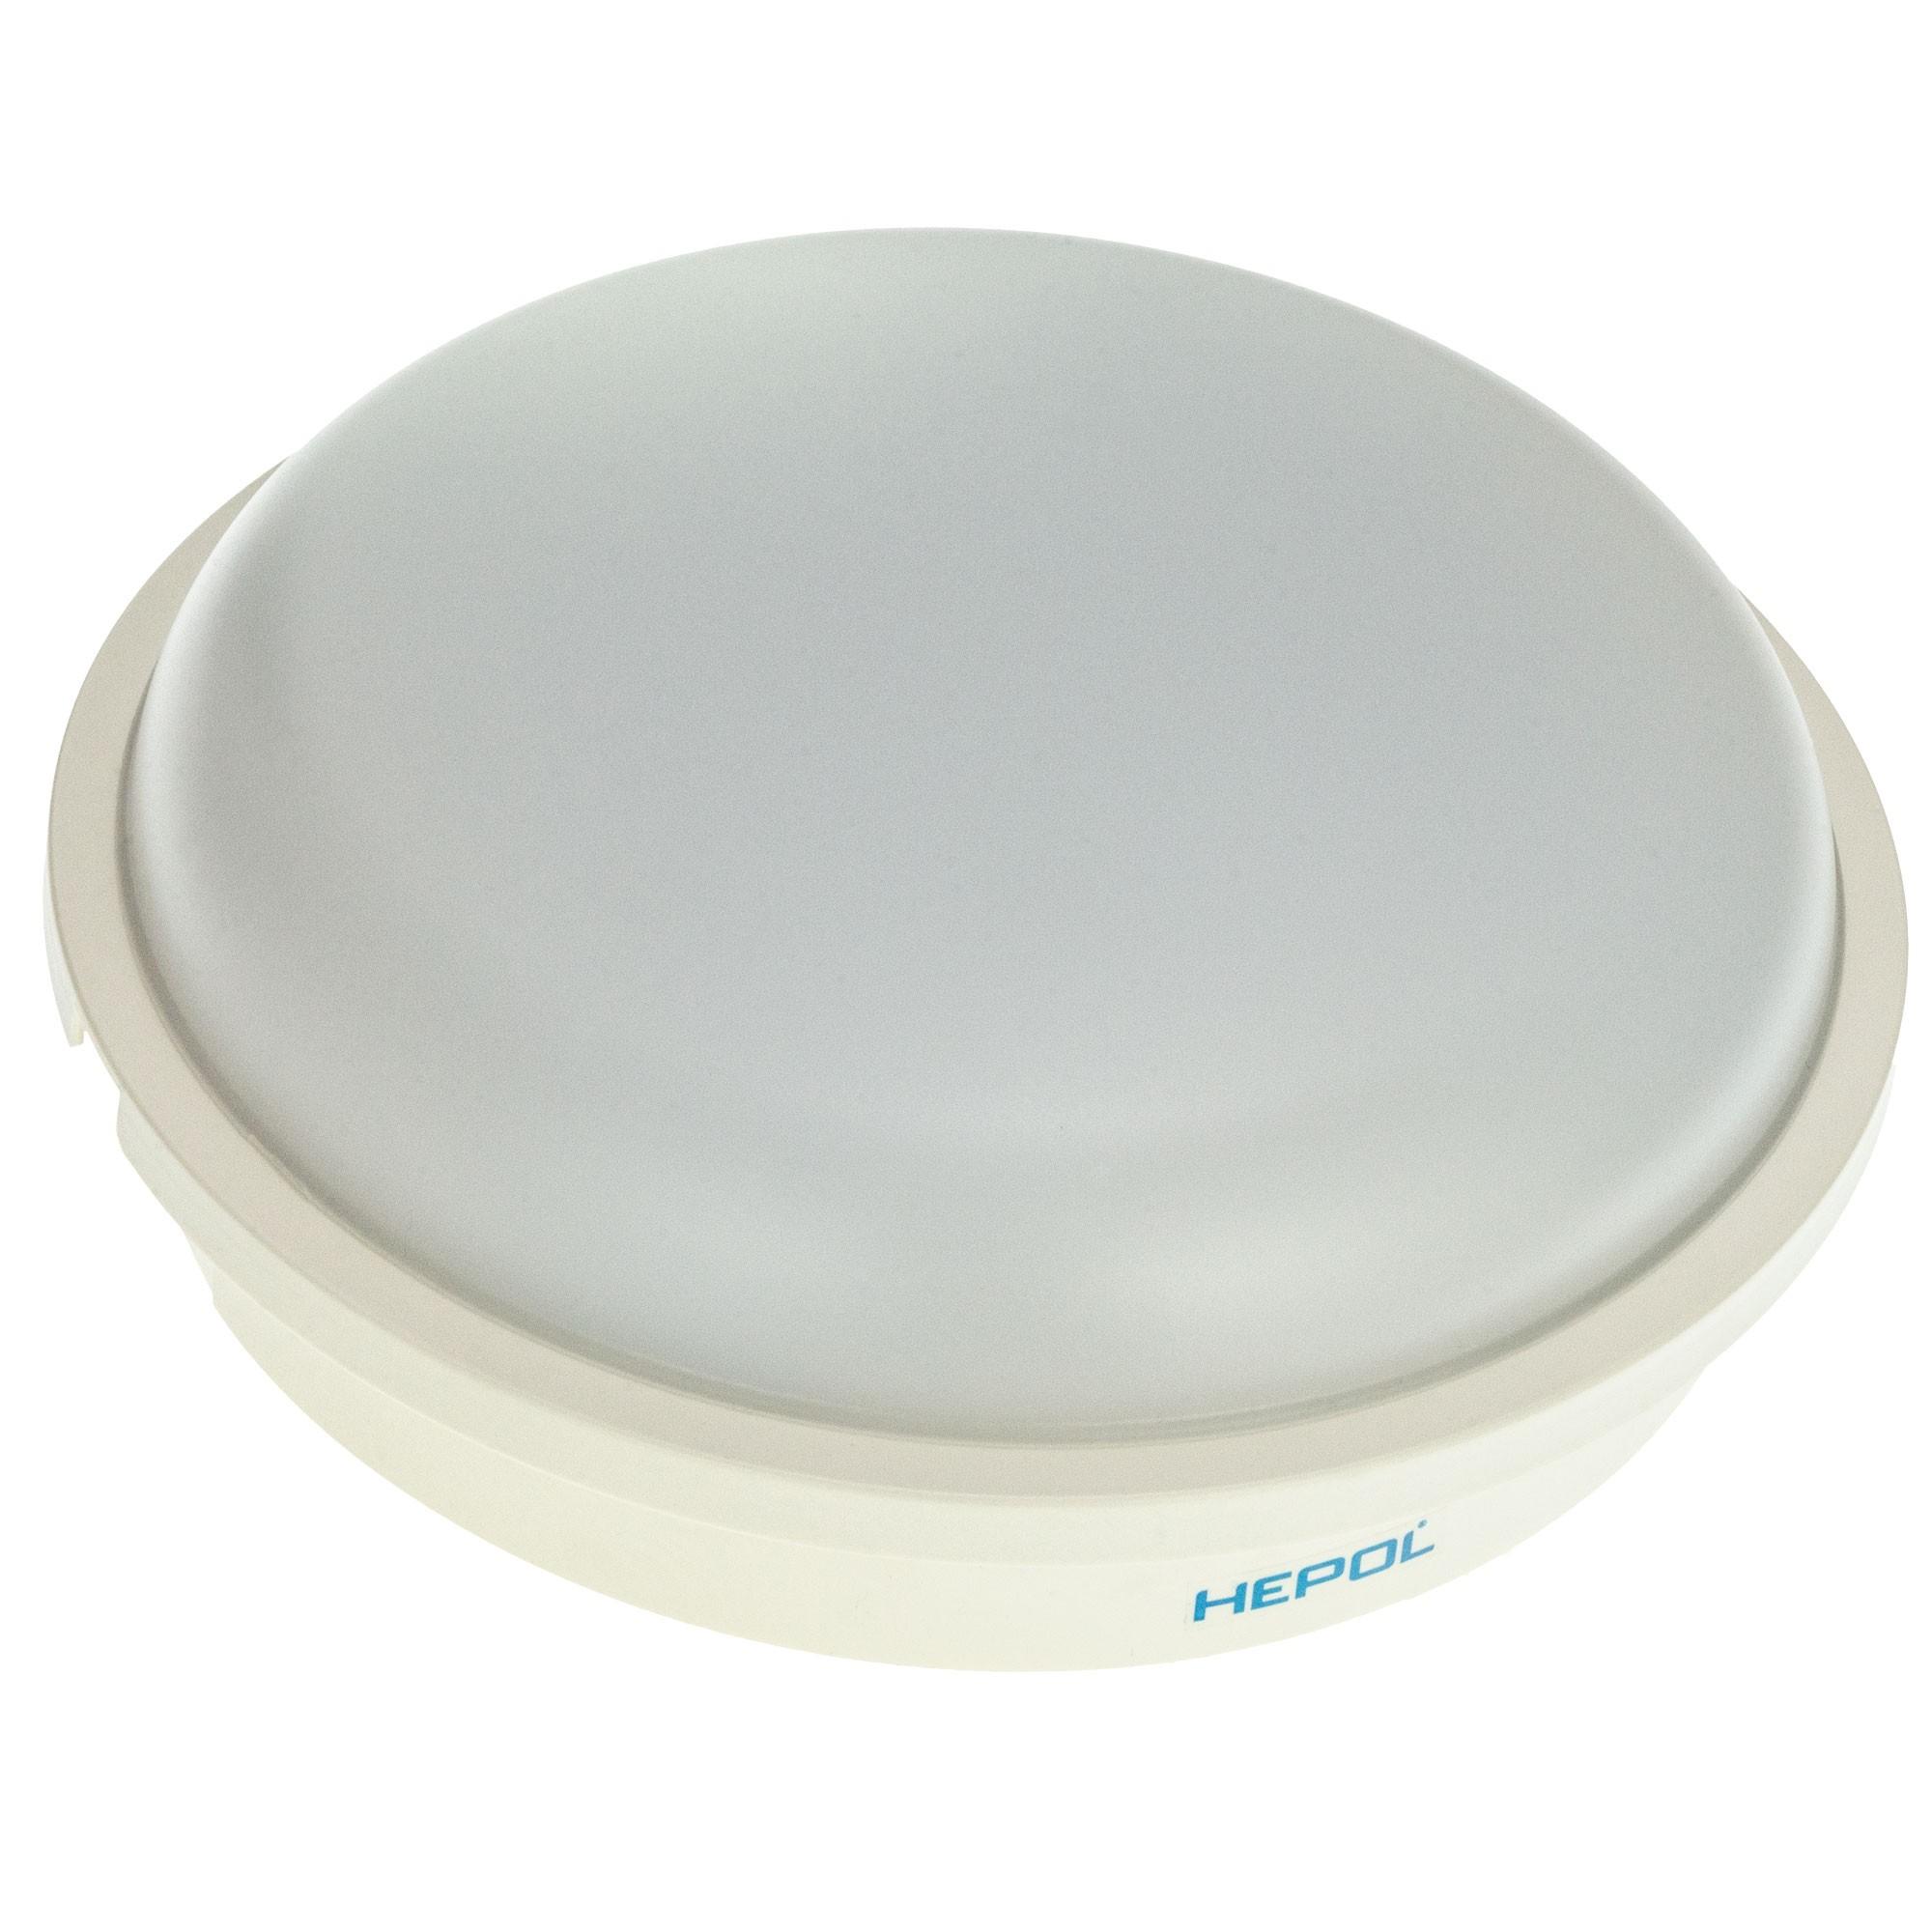 Aplica rotunda exterior Hepol, 1 x LED, 20W